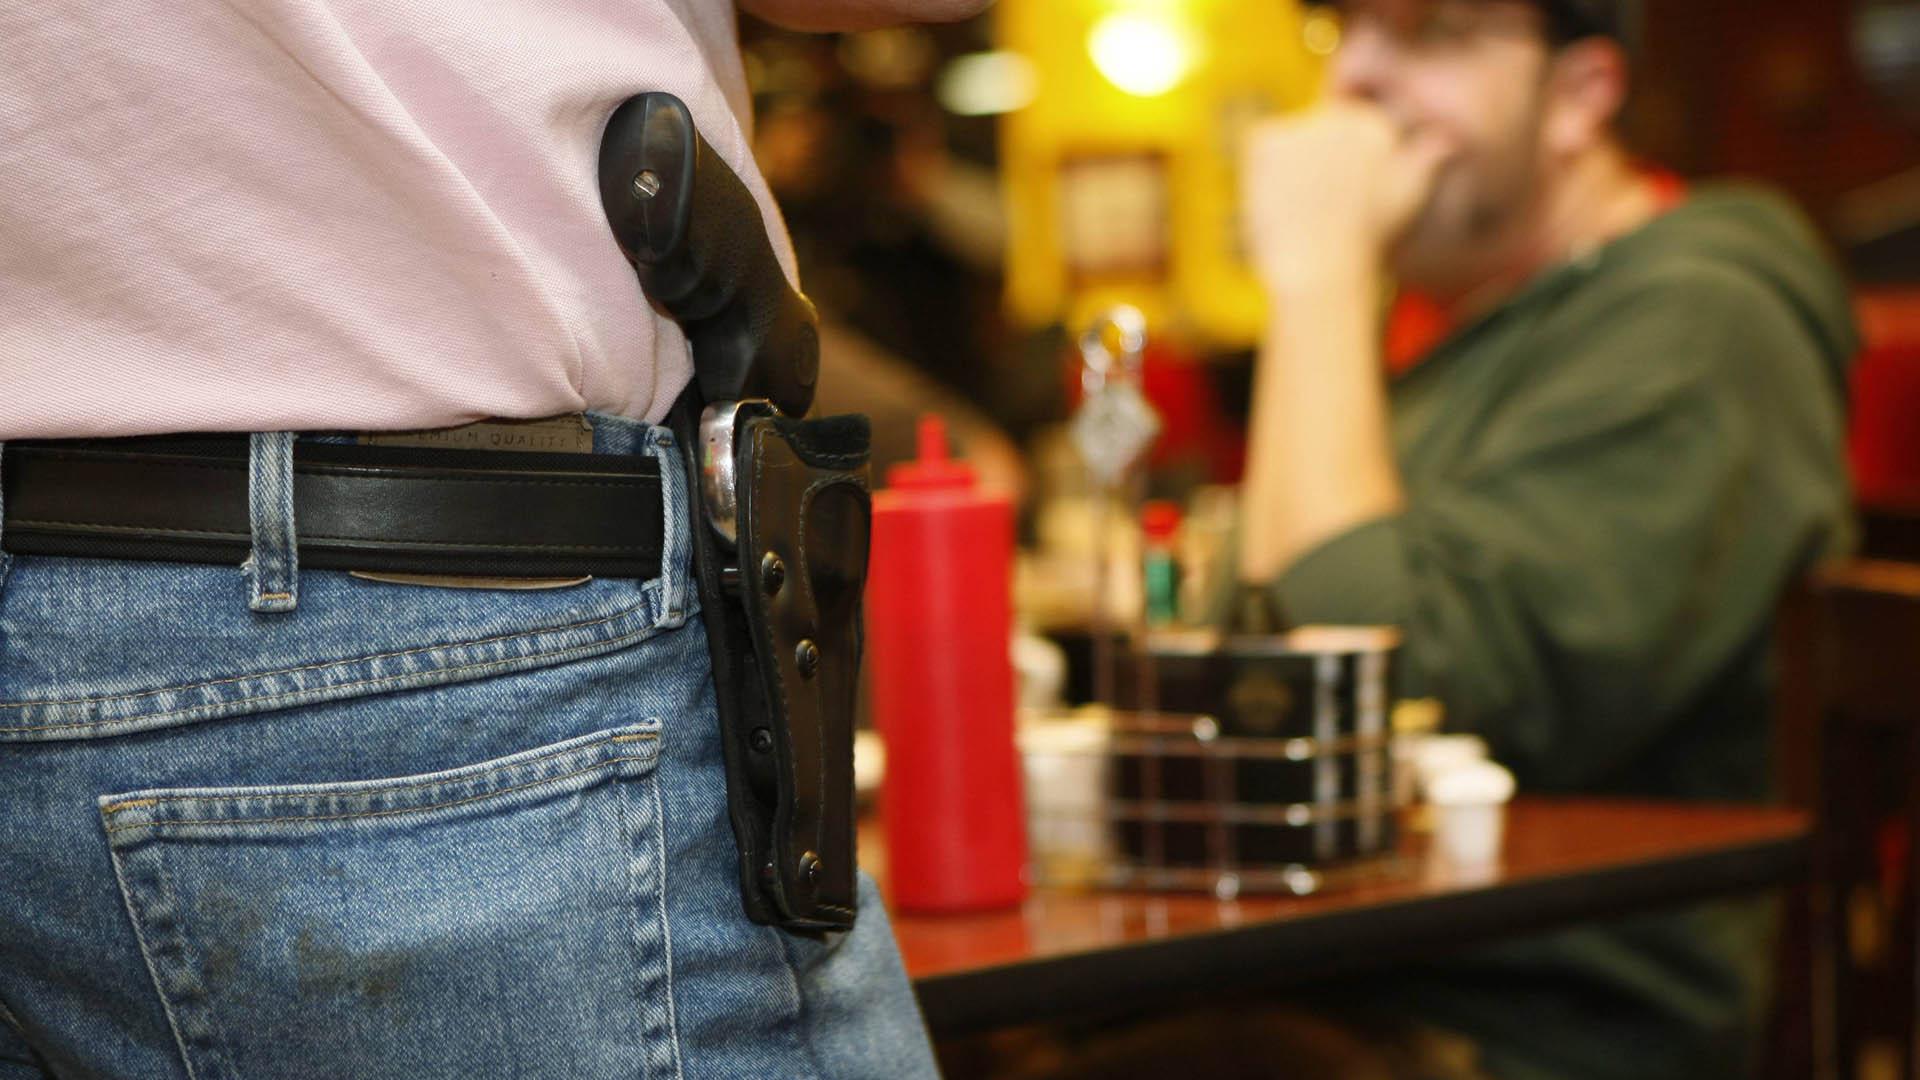 La medida establece que los ciudadanos que tengan licencia para portar armas, ahora pueden hacerlo en su funda, a plena vista